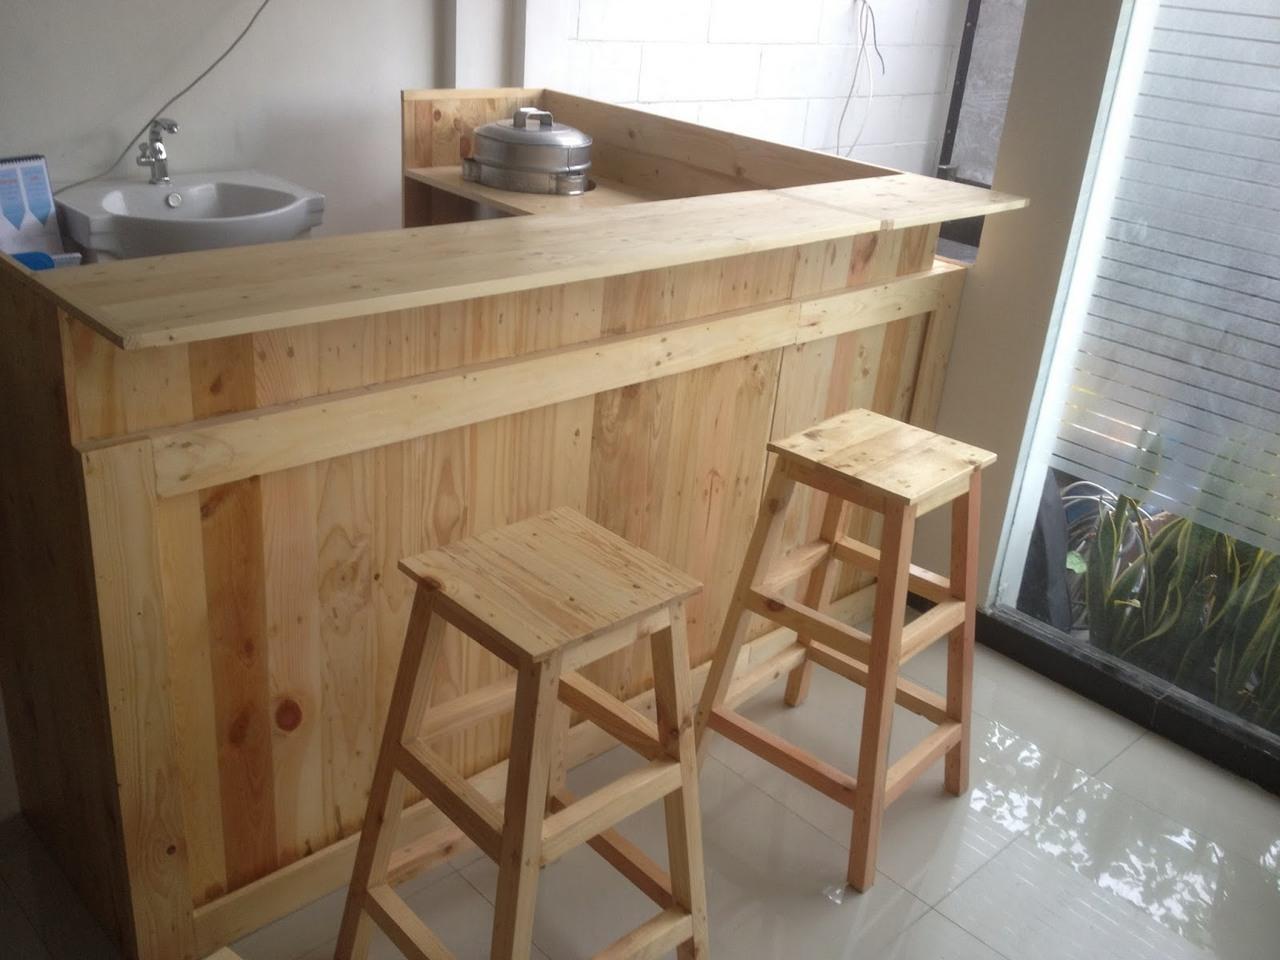 Dekorasi Desain Meja Dapur Cafe Terbaru Oplakdec com